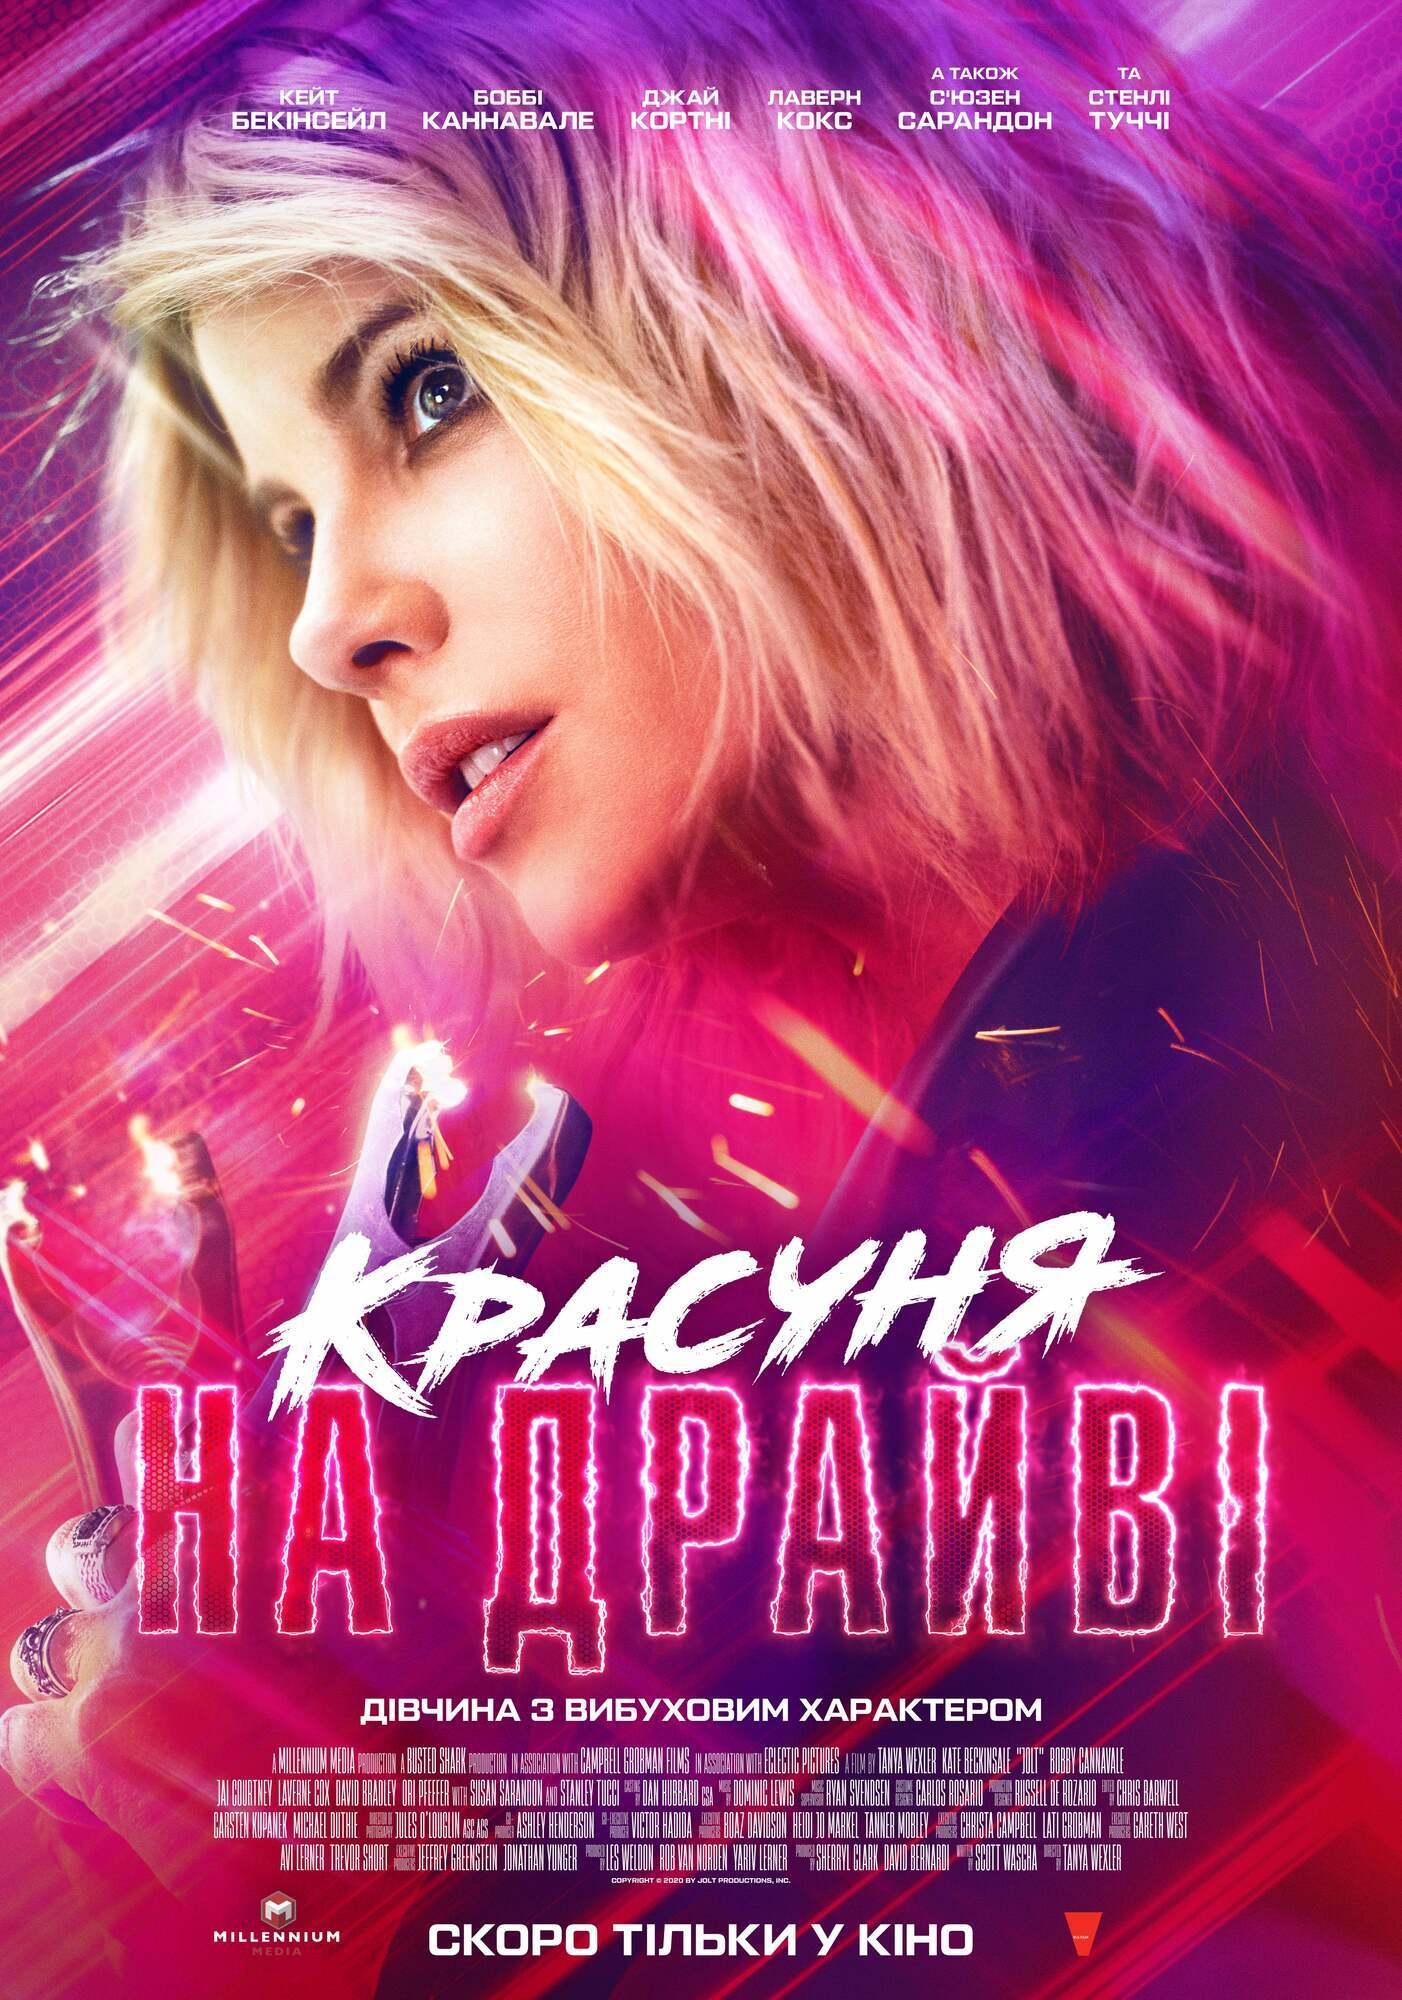 """""""Красавица на драйве"""" выйдет на украинские экраны 29 июля"""